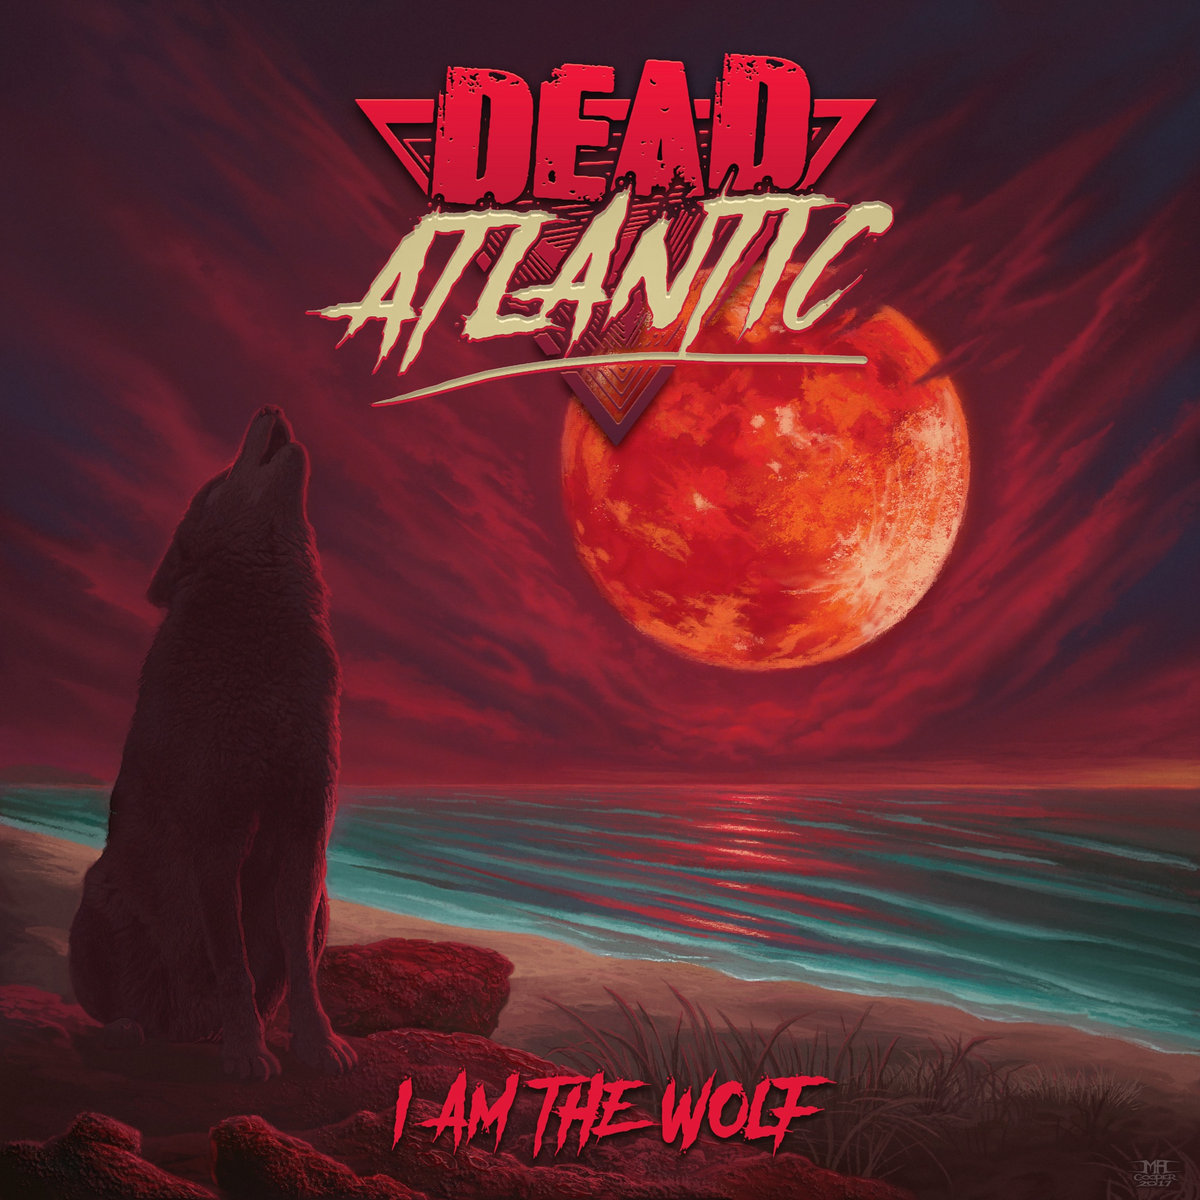 www.facebook.com/deadatlantic